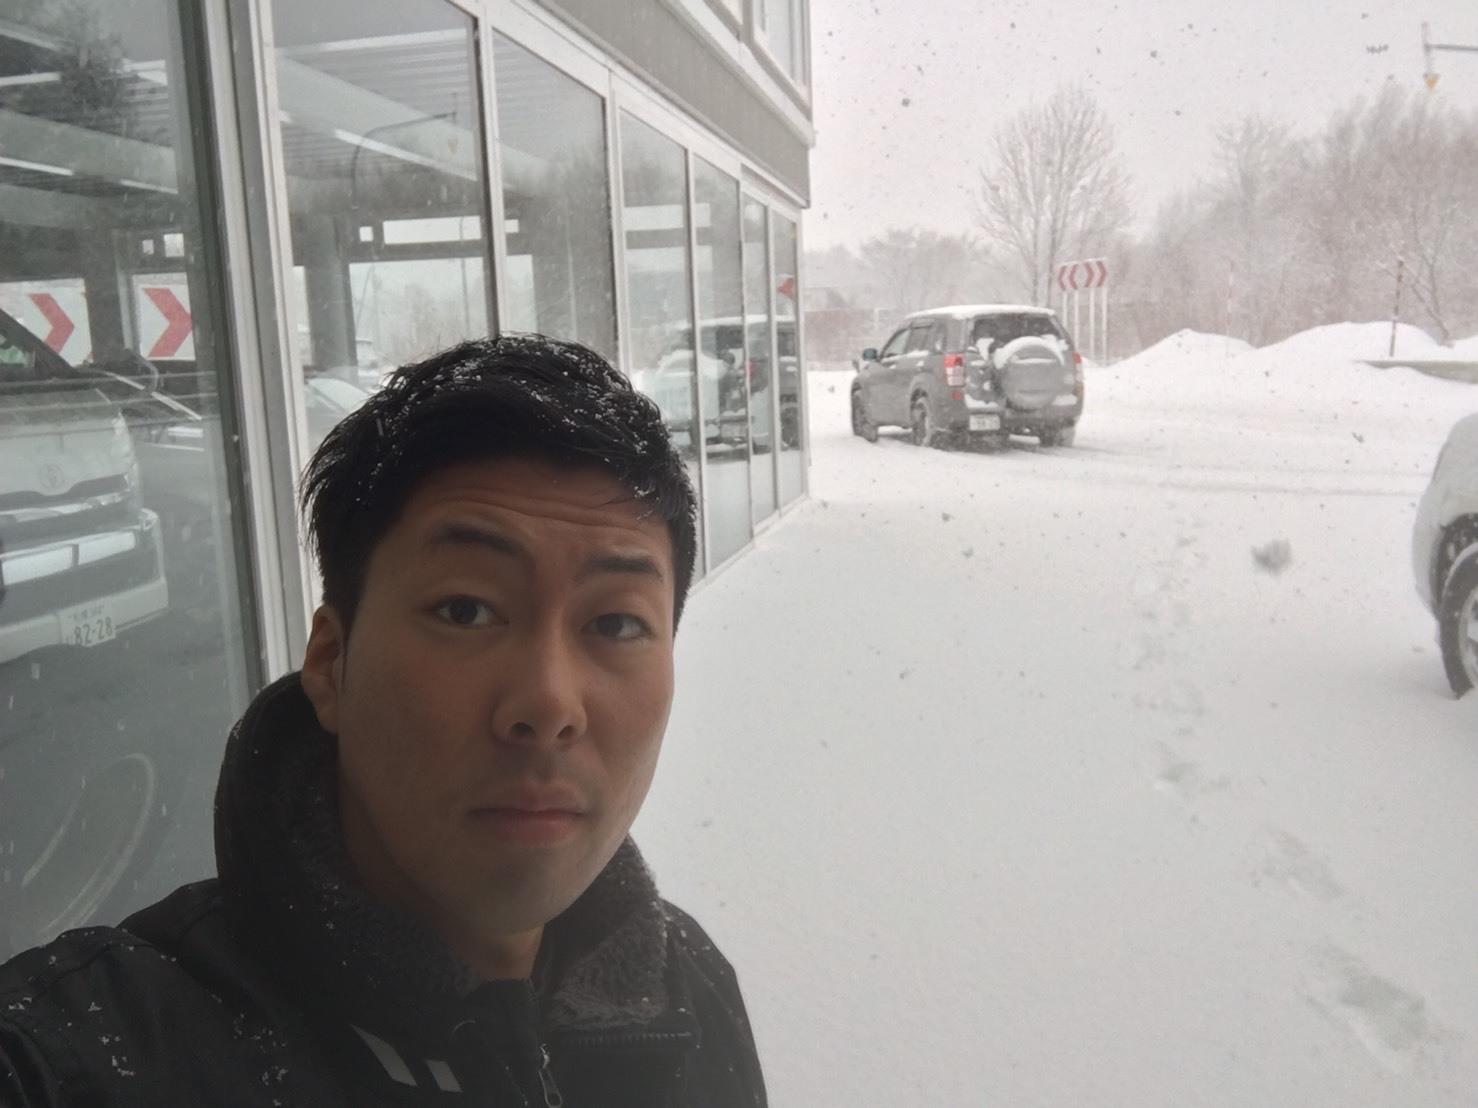 12月27日(水)トミーベース カスタムブログ☆LS600撮影開始!!サンタは大忙し!_b0127002_22555584.jpg